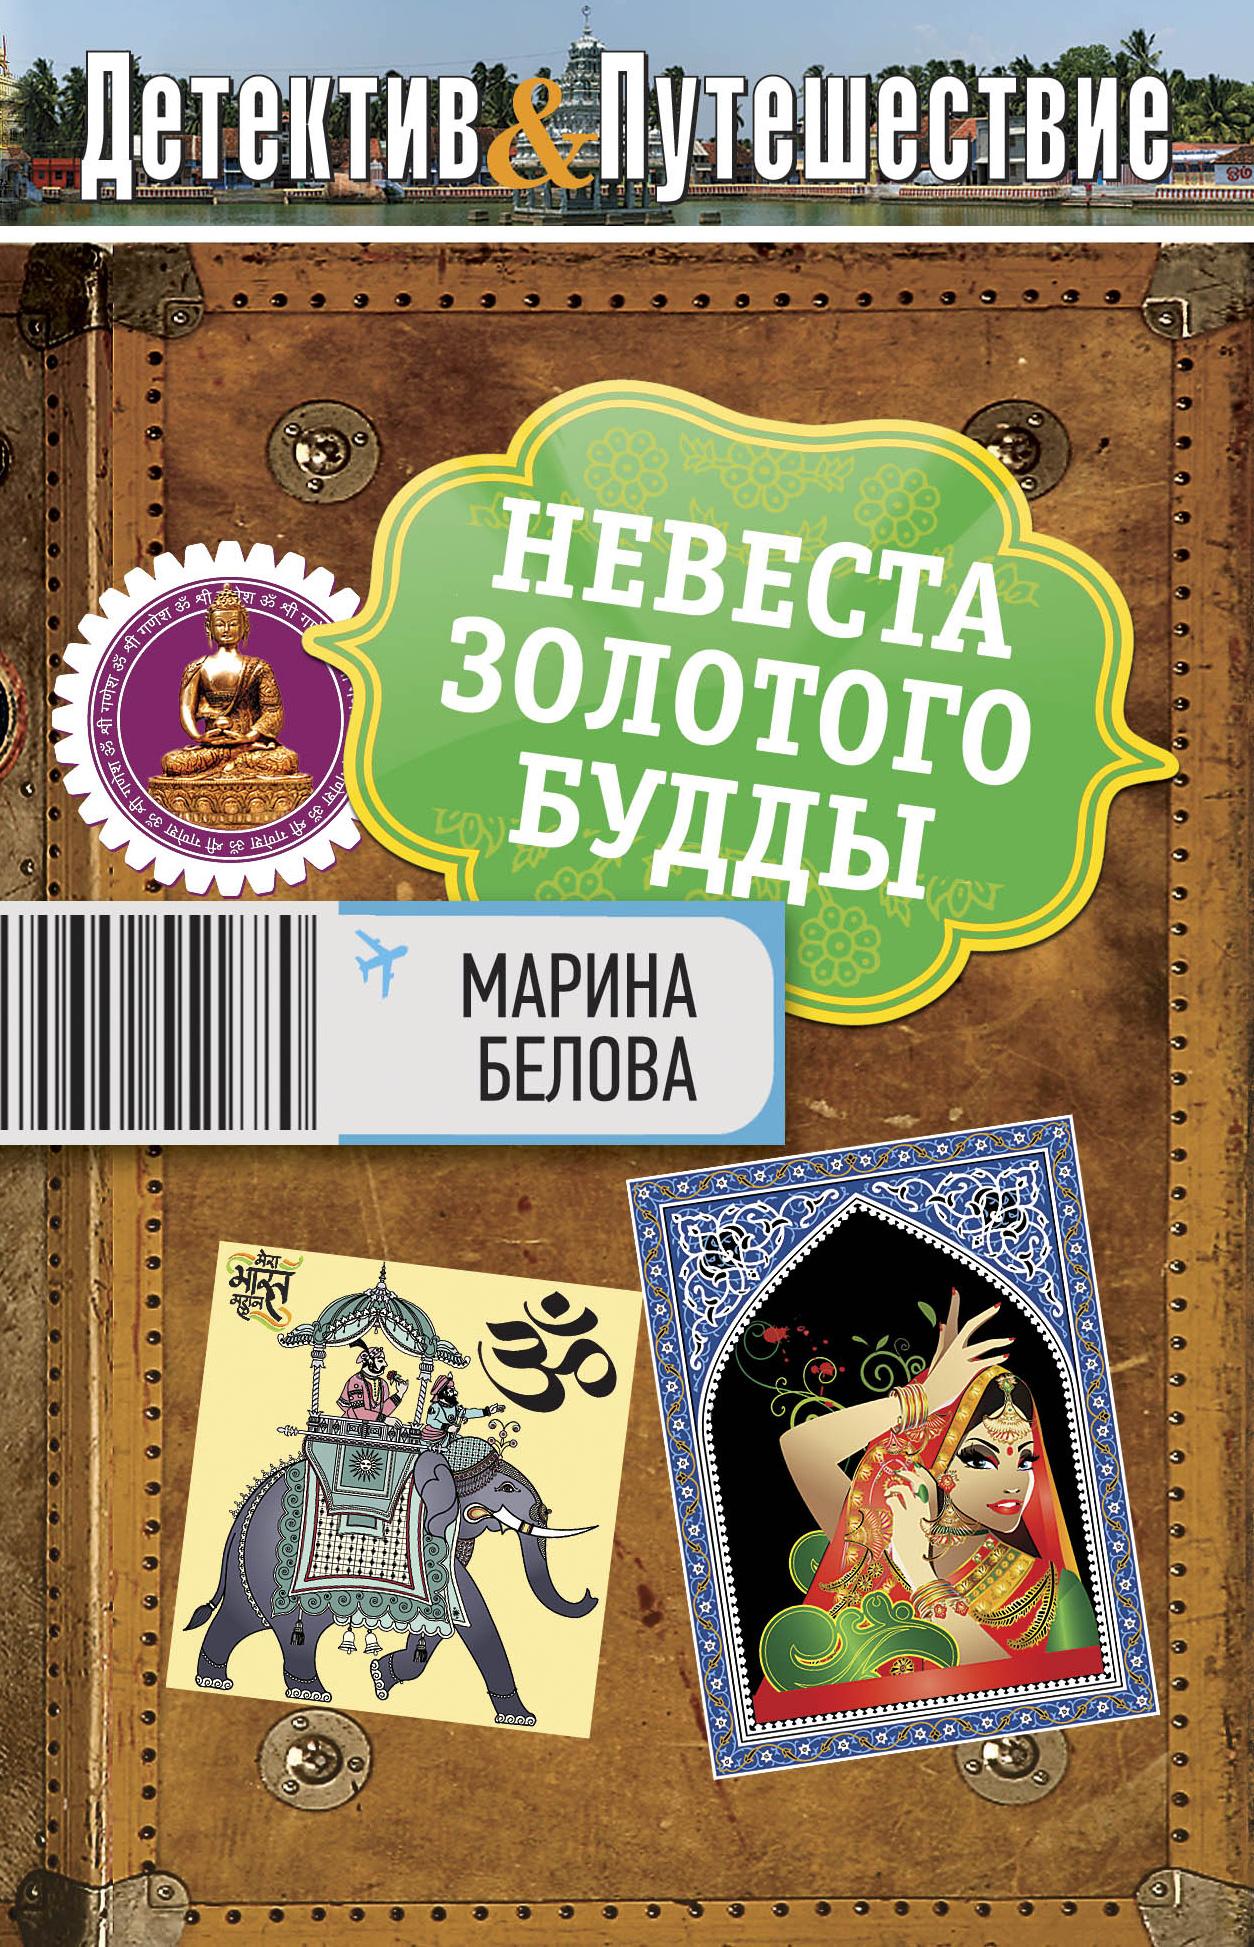 Марина Белова Невеста Золотого будды марина белова золото ночного будапешта